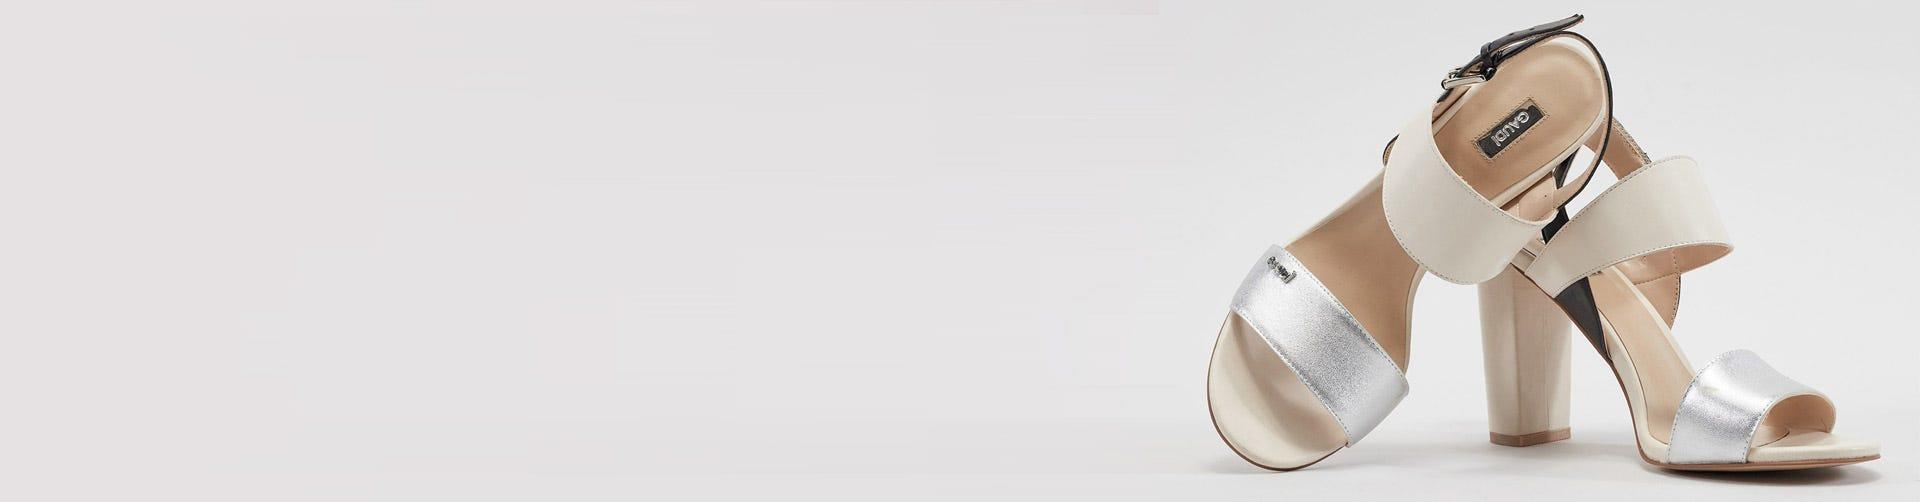 Gaudi E Sneakers Donna Eleganti Da Scarpe Sportive UcSF11O